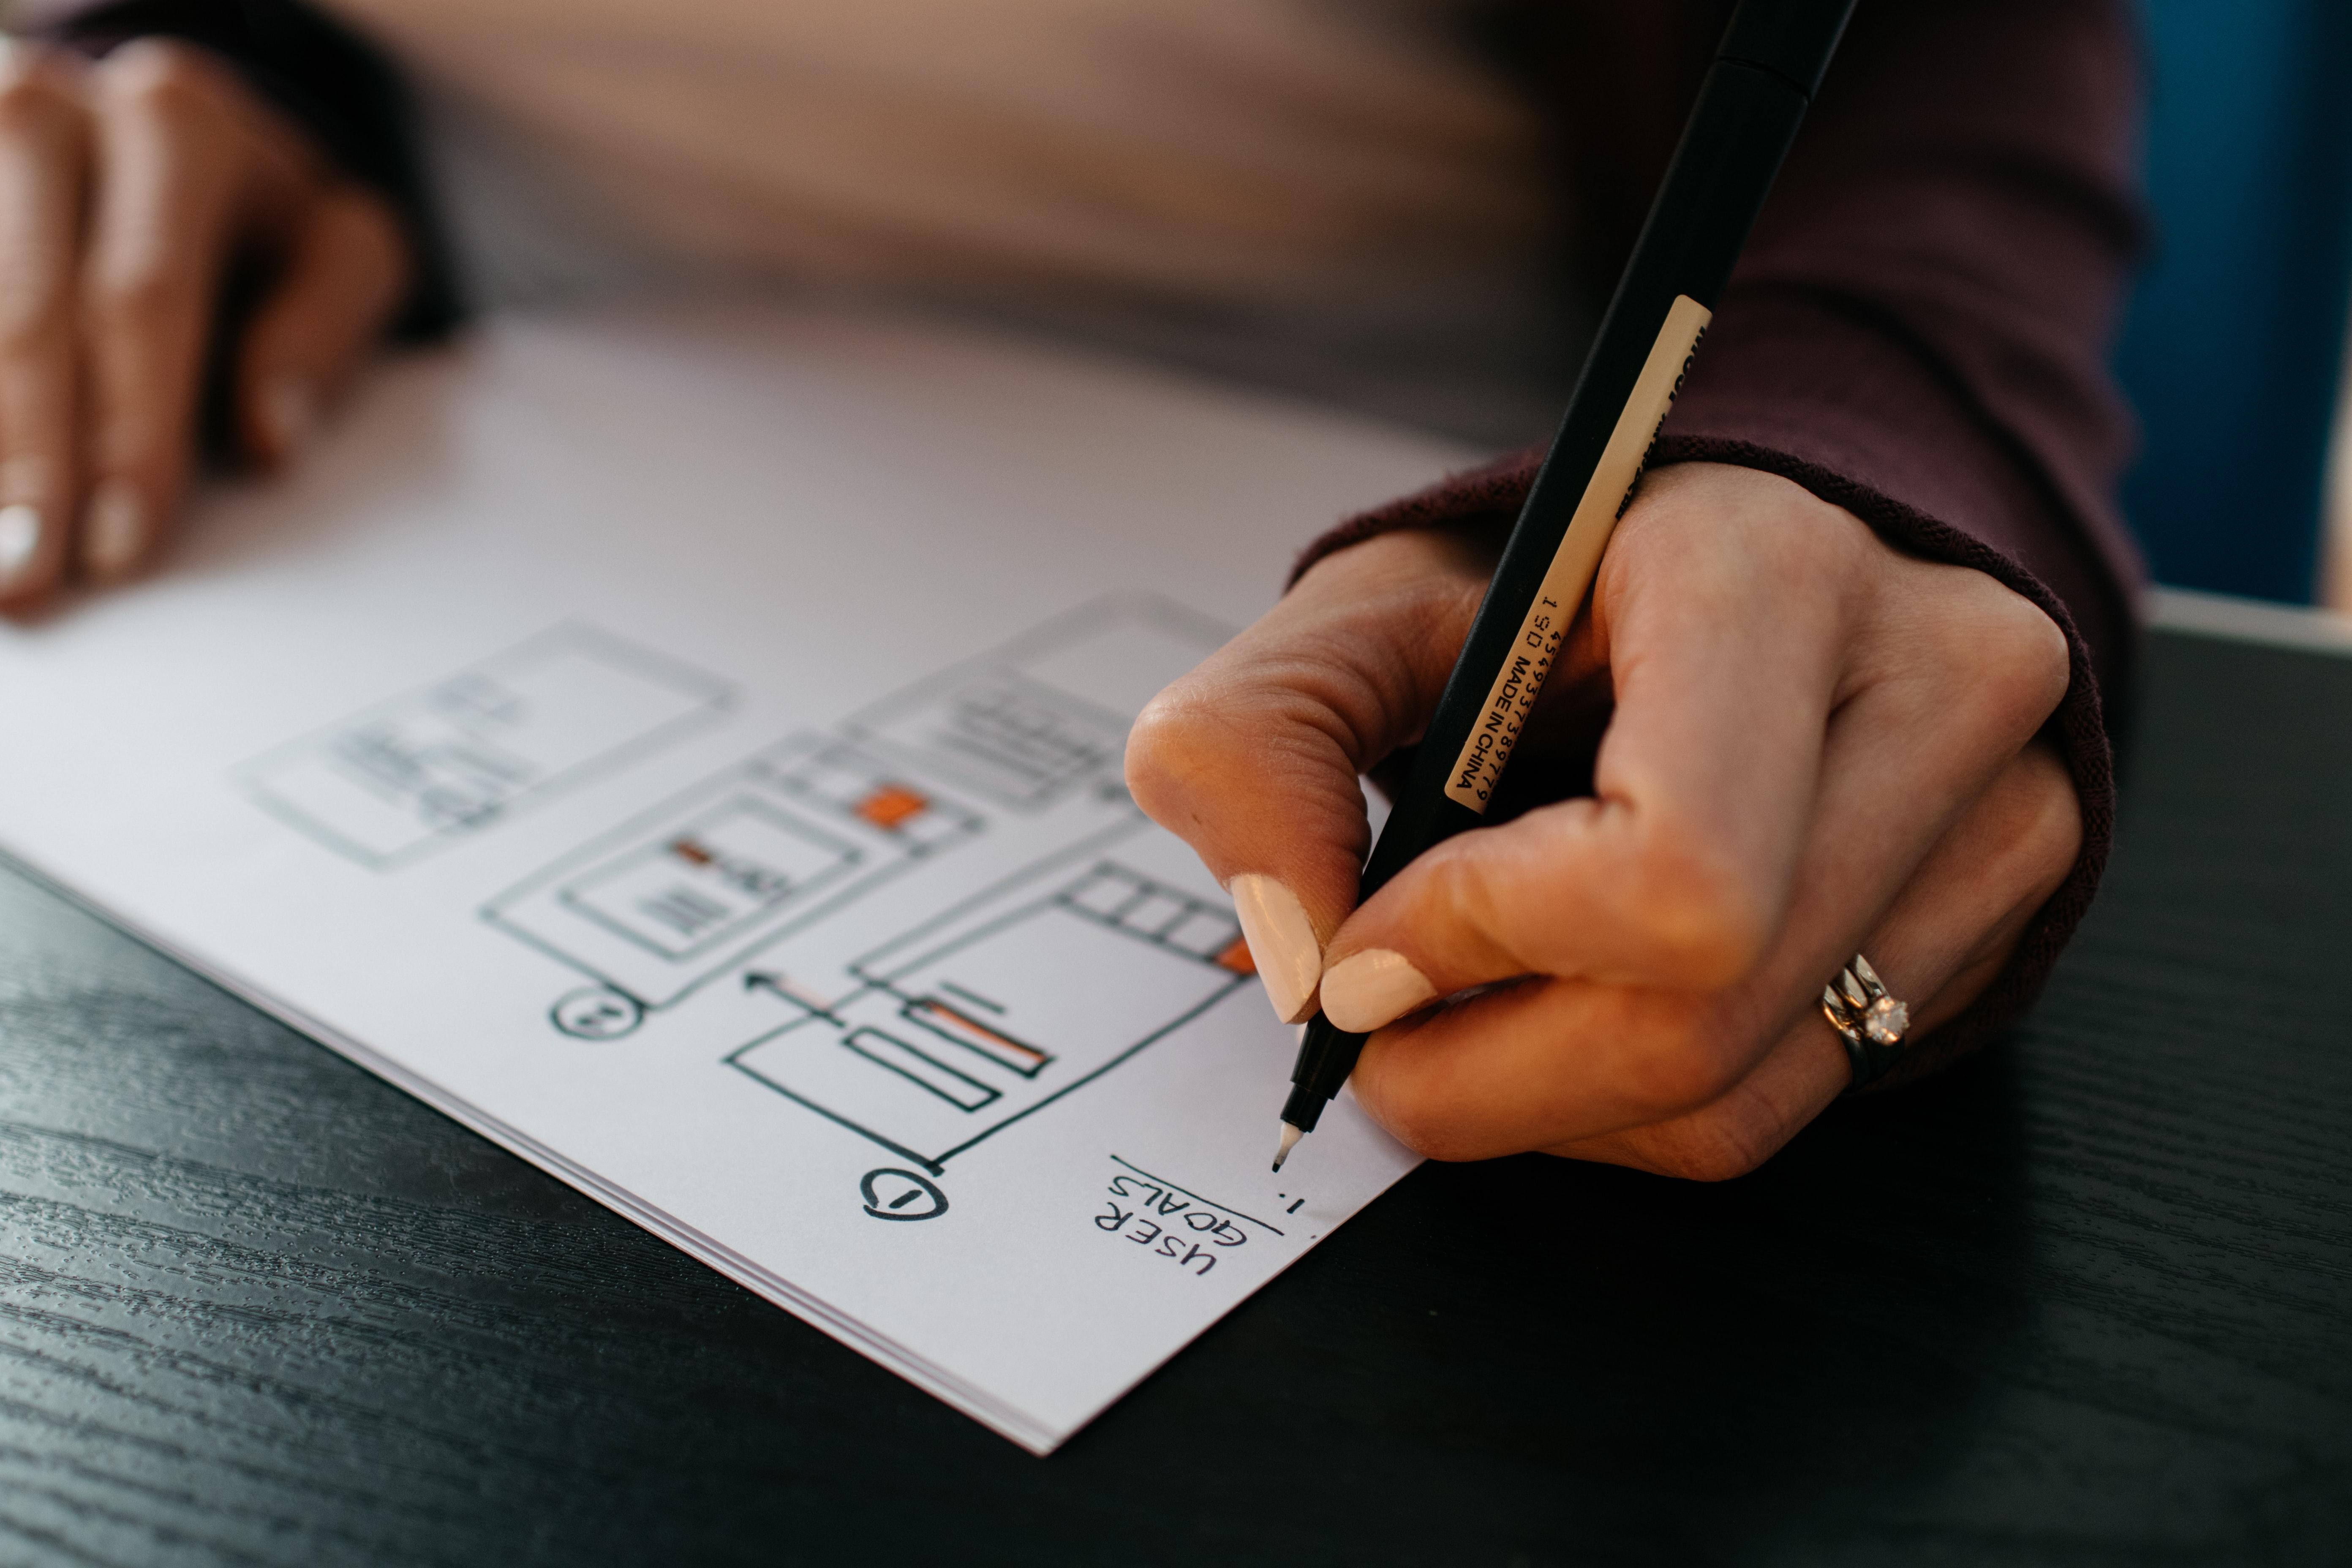 il-ciclo-di-deming-per-pianificare-col-bullet-journal